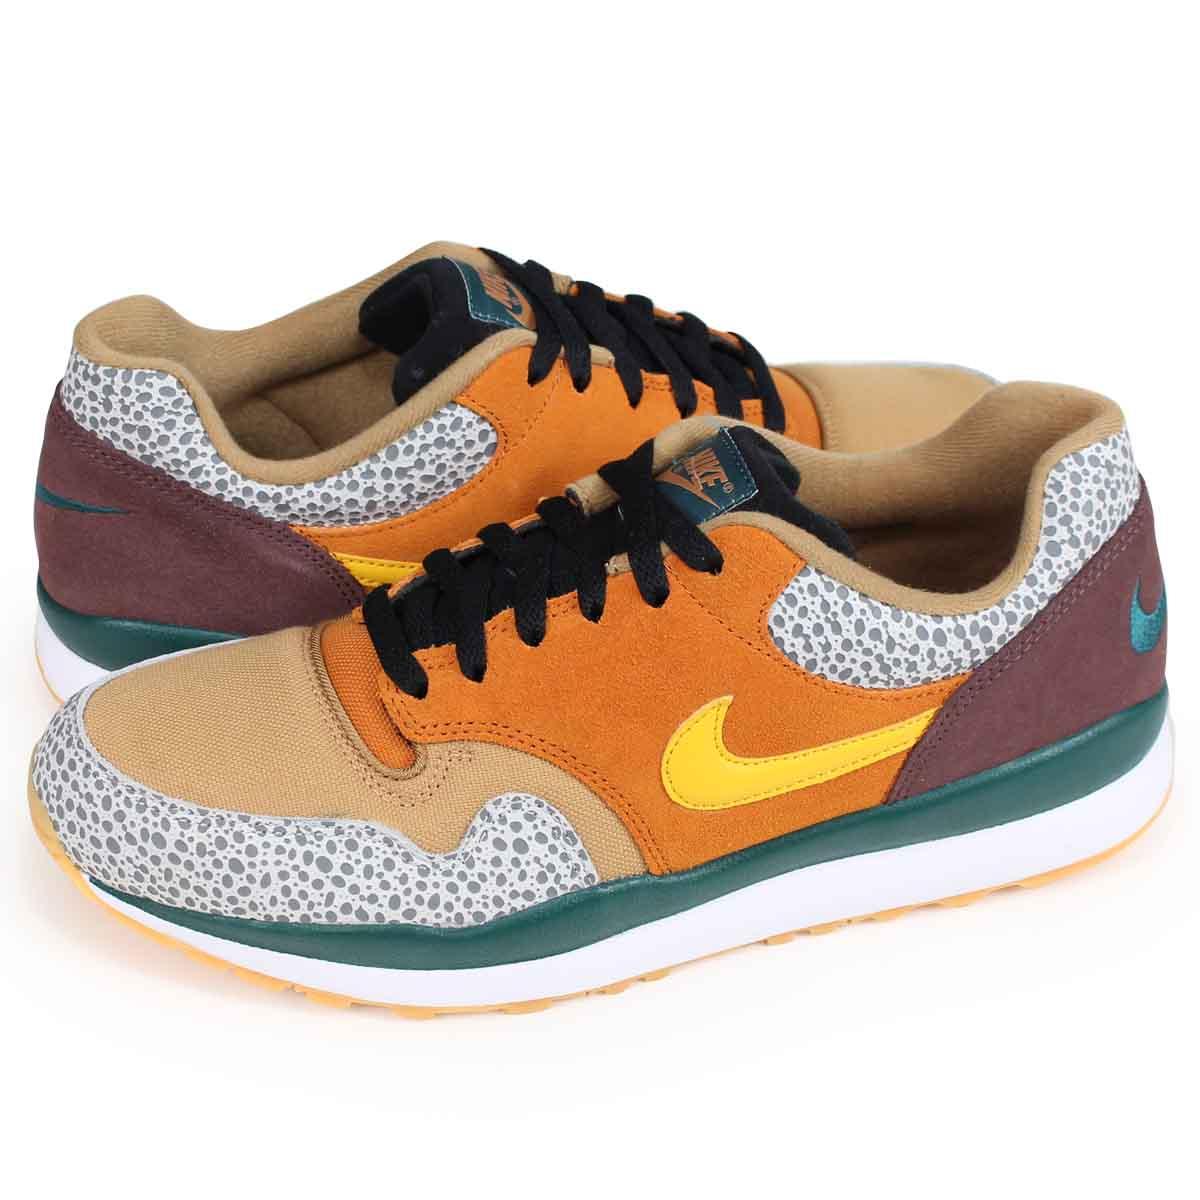 7830ebc1de37a5 NIKE AIR SAFARI SE Nike air safari sneakers men AO3298-800 brown  load  planned Shinnyu load in reservation product 8 20 containing